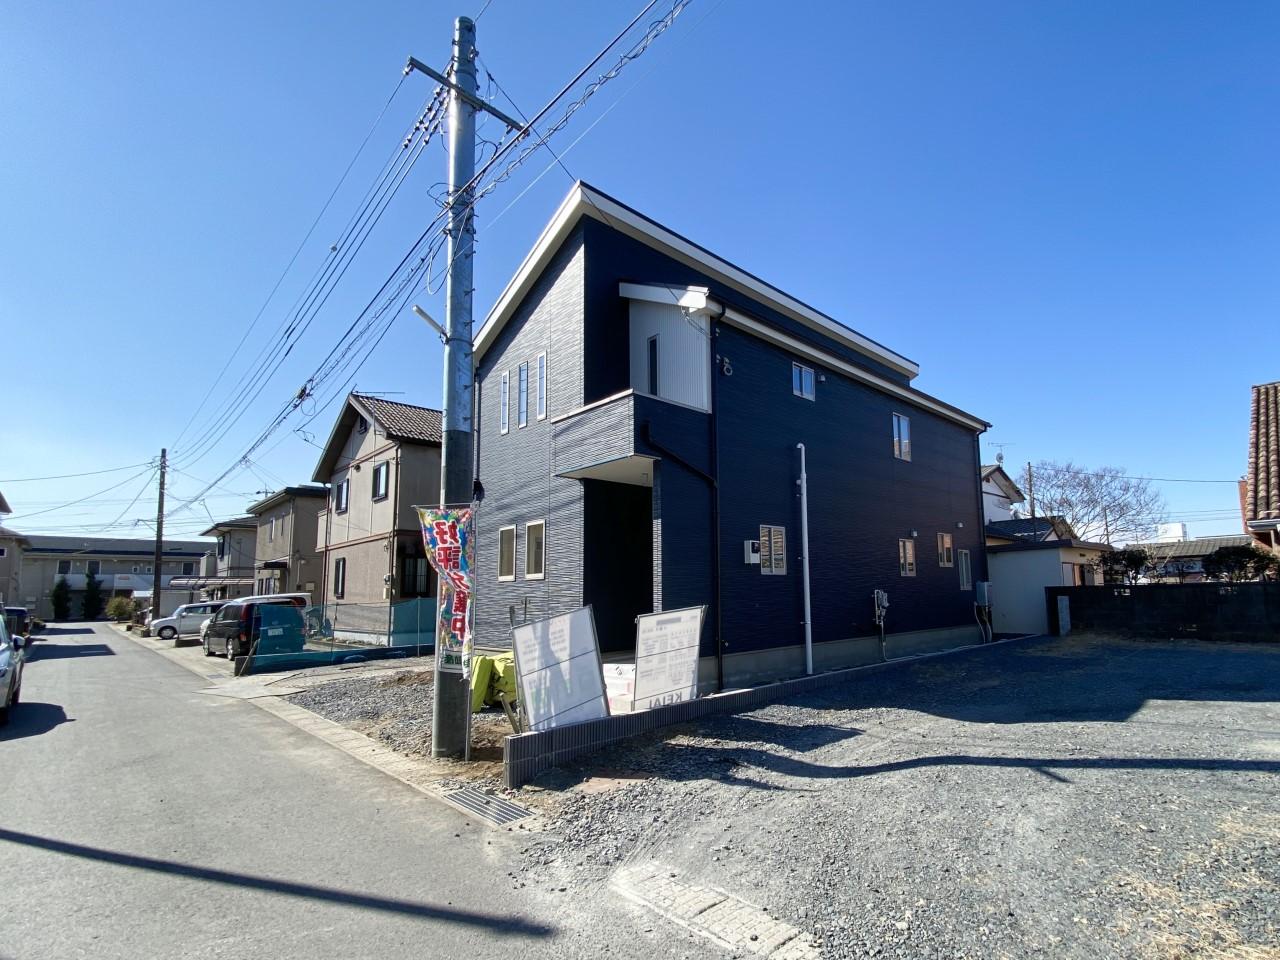 【KEIAI】 -Ricca- 水戸市笠原町4期 1号棟